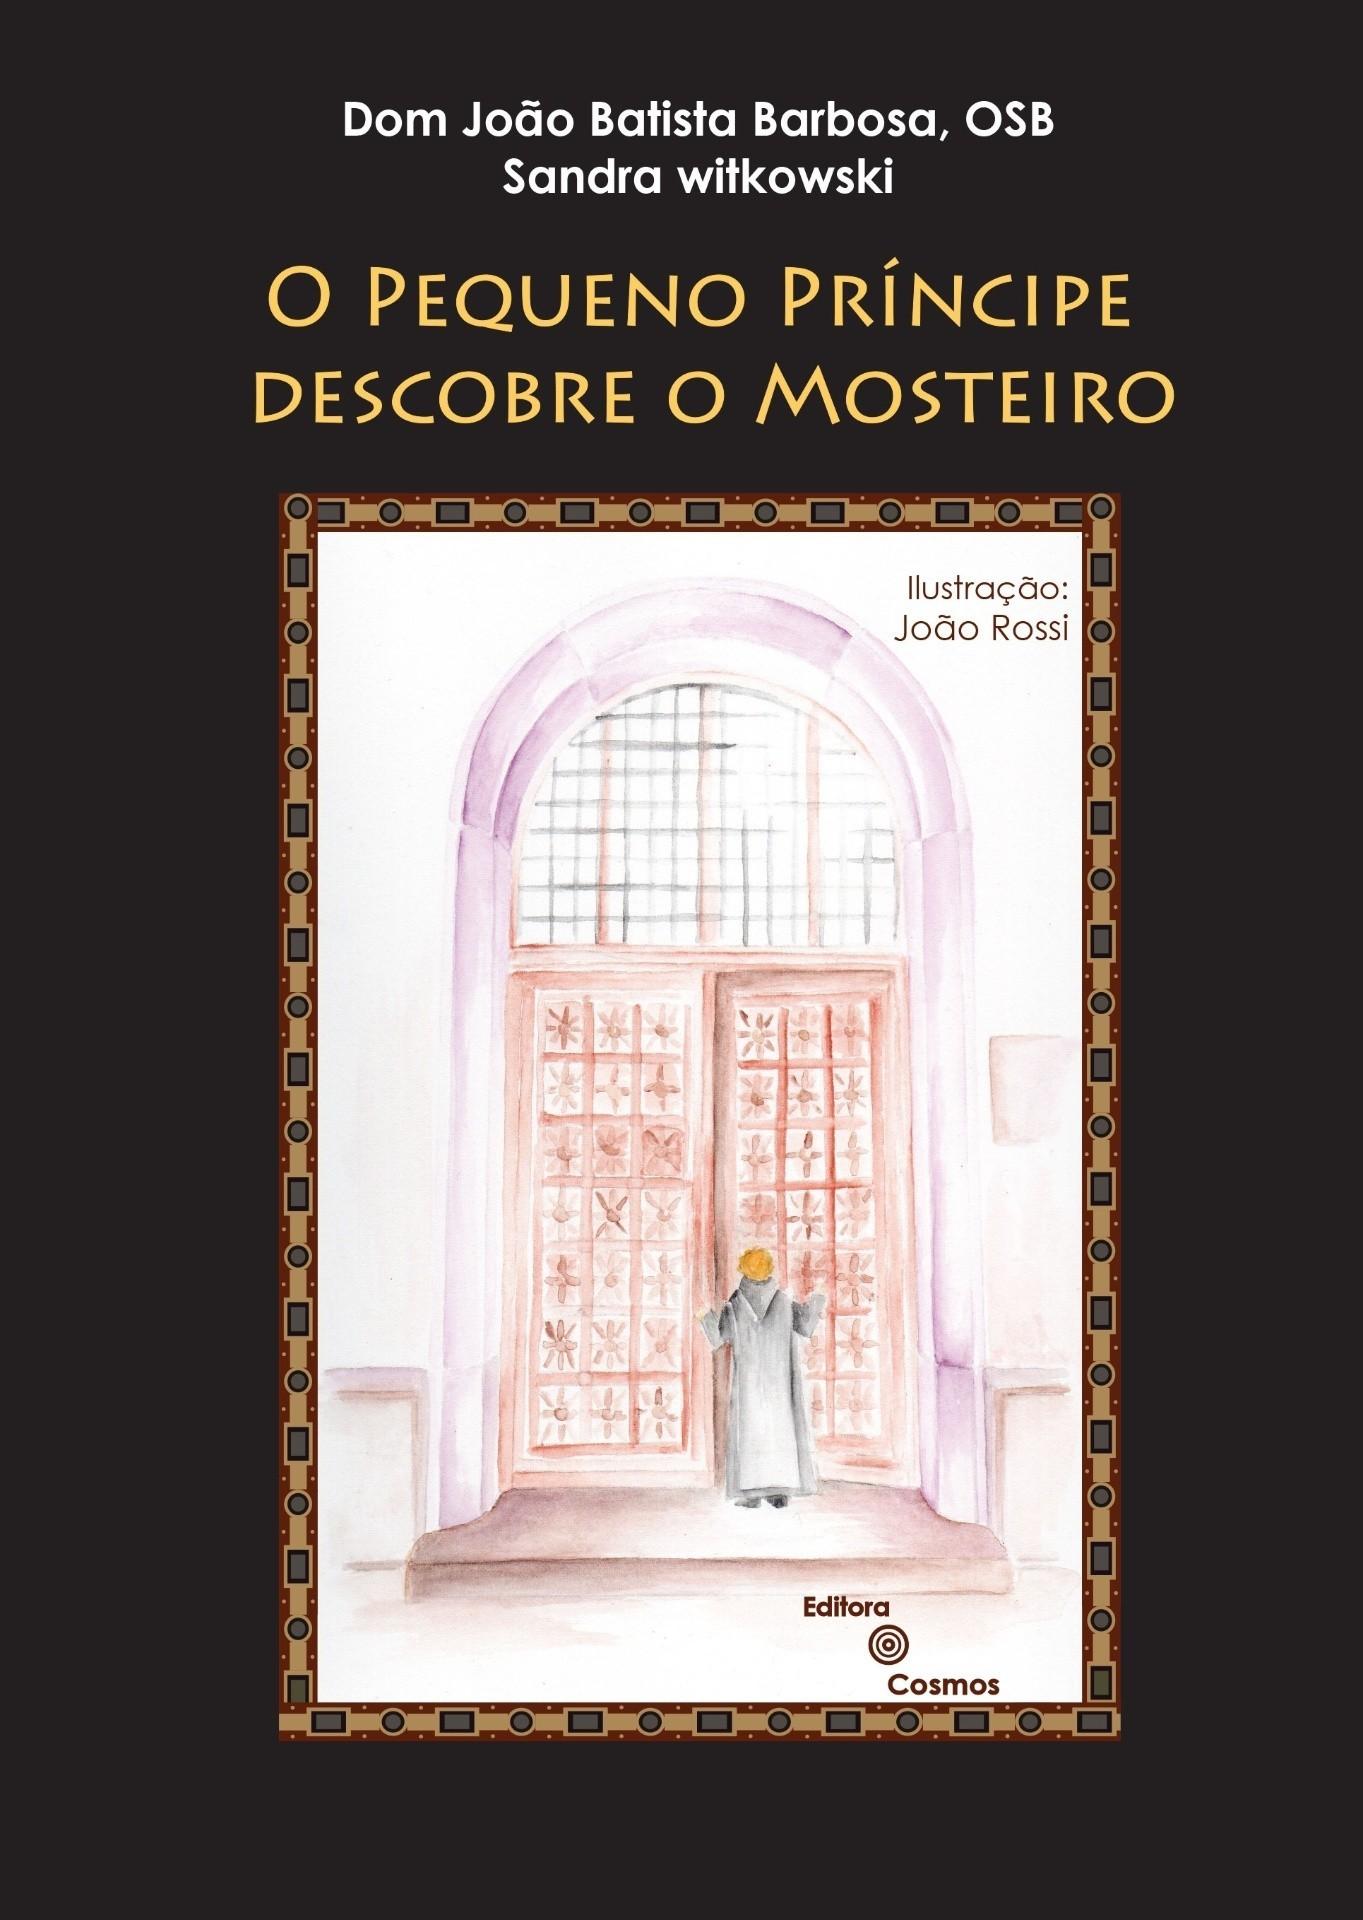 """""""O Pequeno Prncipe"""" vira um monge em vers£o brasileira do clássico francªs"""